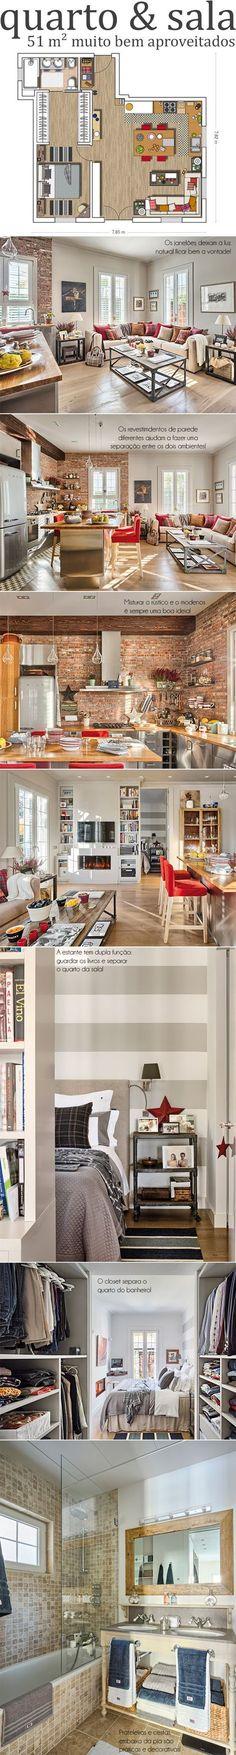 Departamento de una habitación, sala y cocina en 51 m2